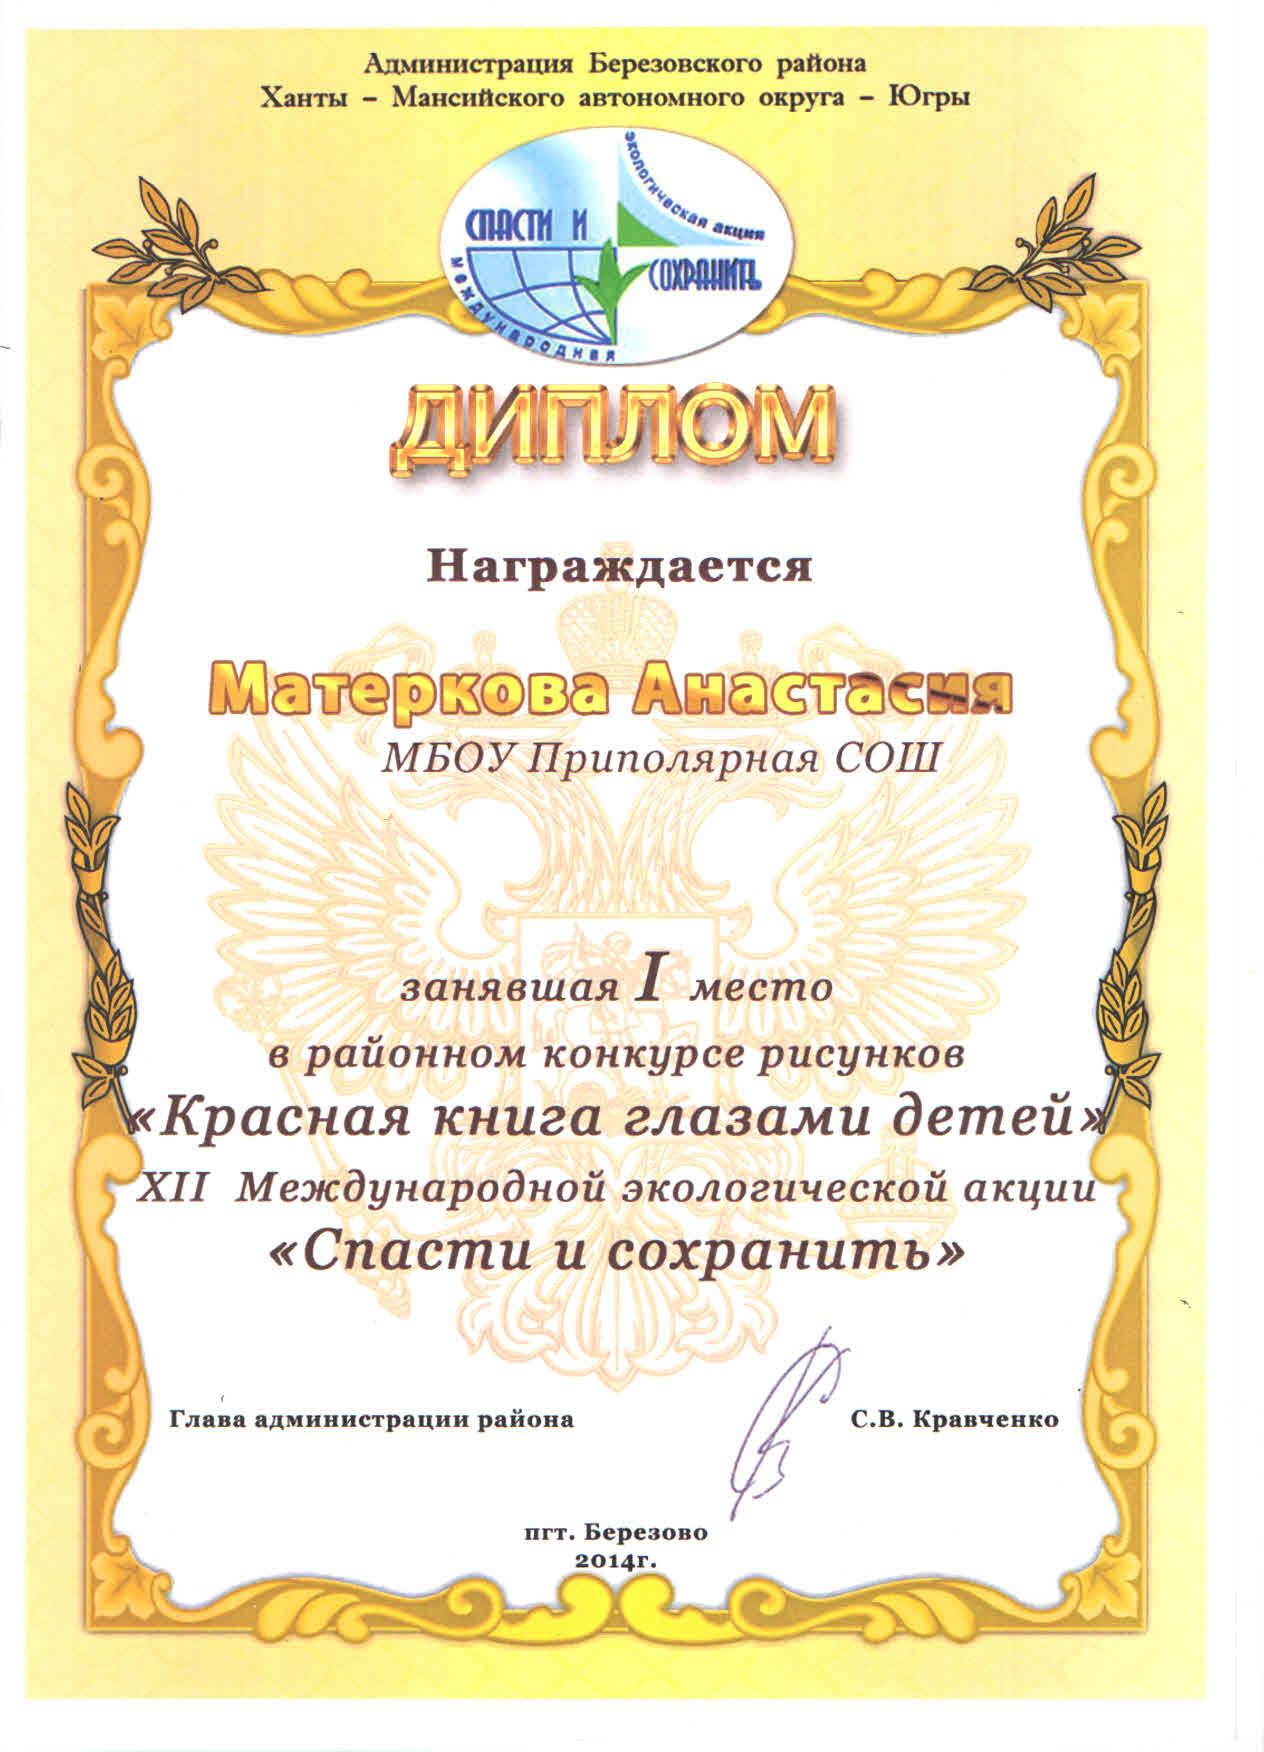 F:\документы ОНочевчук\4.2 победители\19 спасти и сохранить диплом 1 степени.jpg